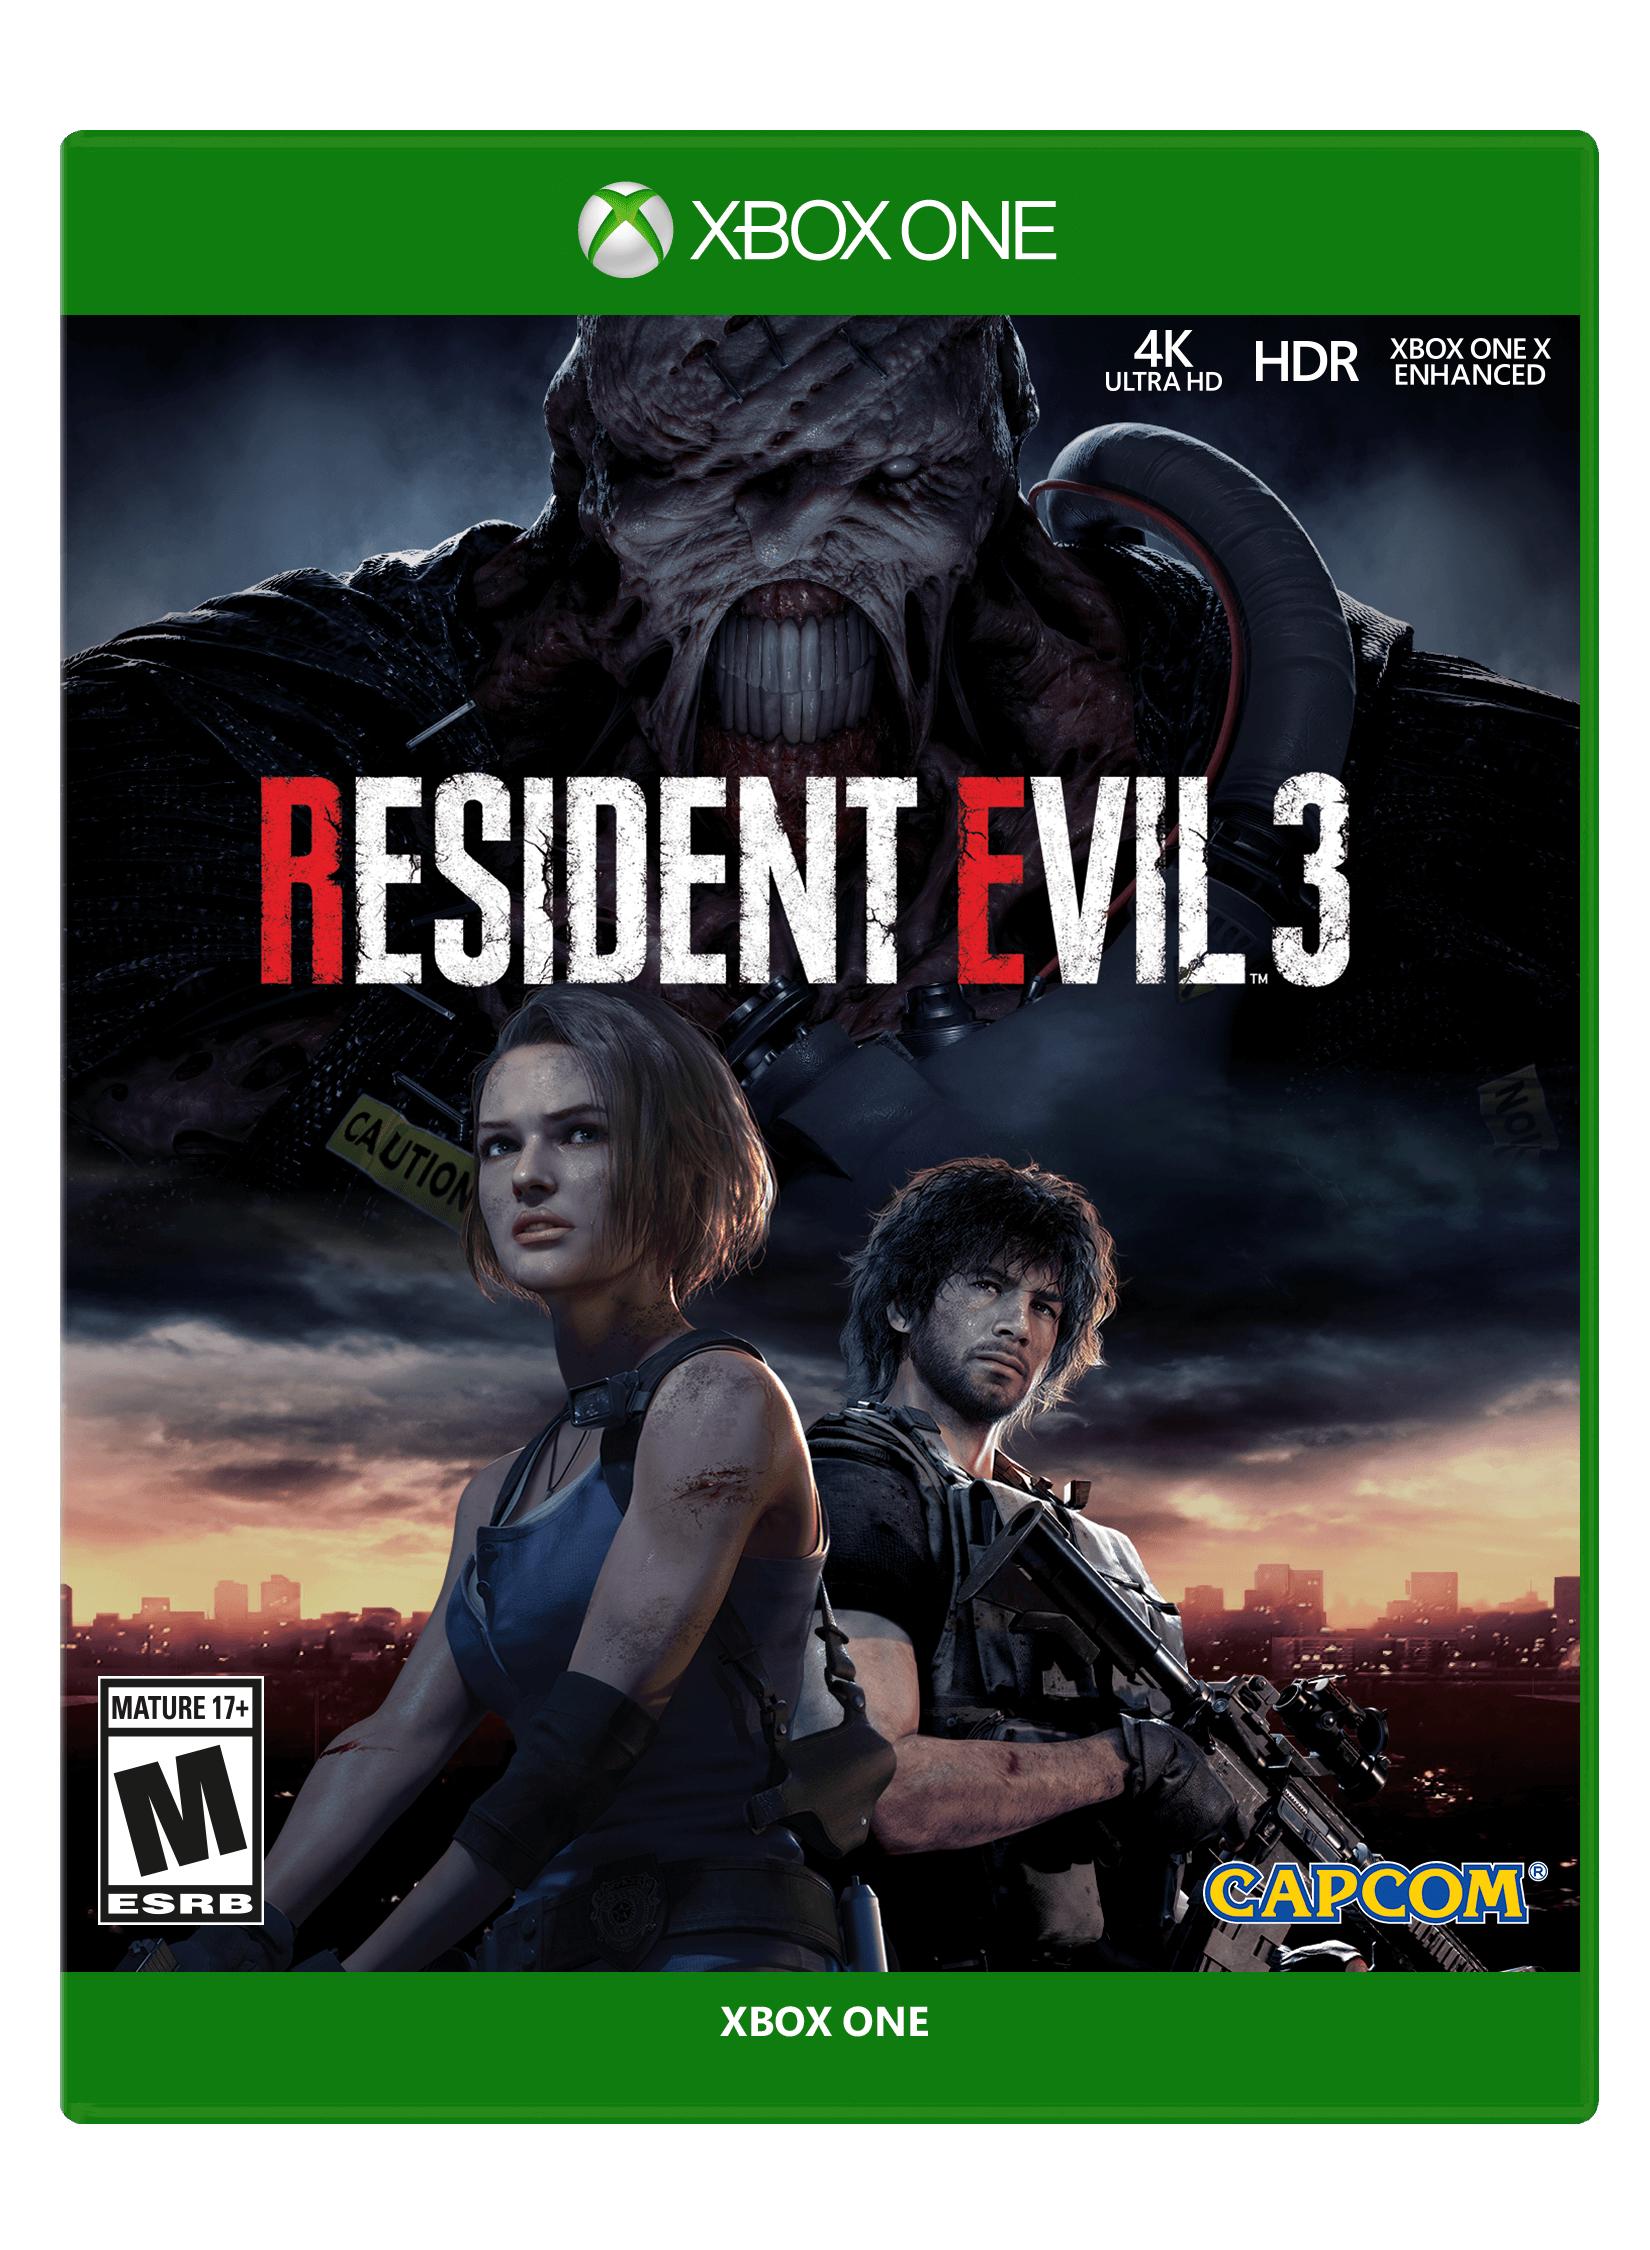 Capcom - Sx3e23 Resident Evil 3, Xbox One